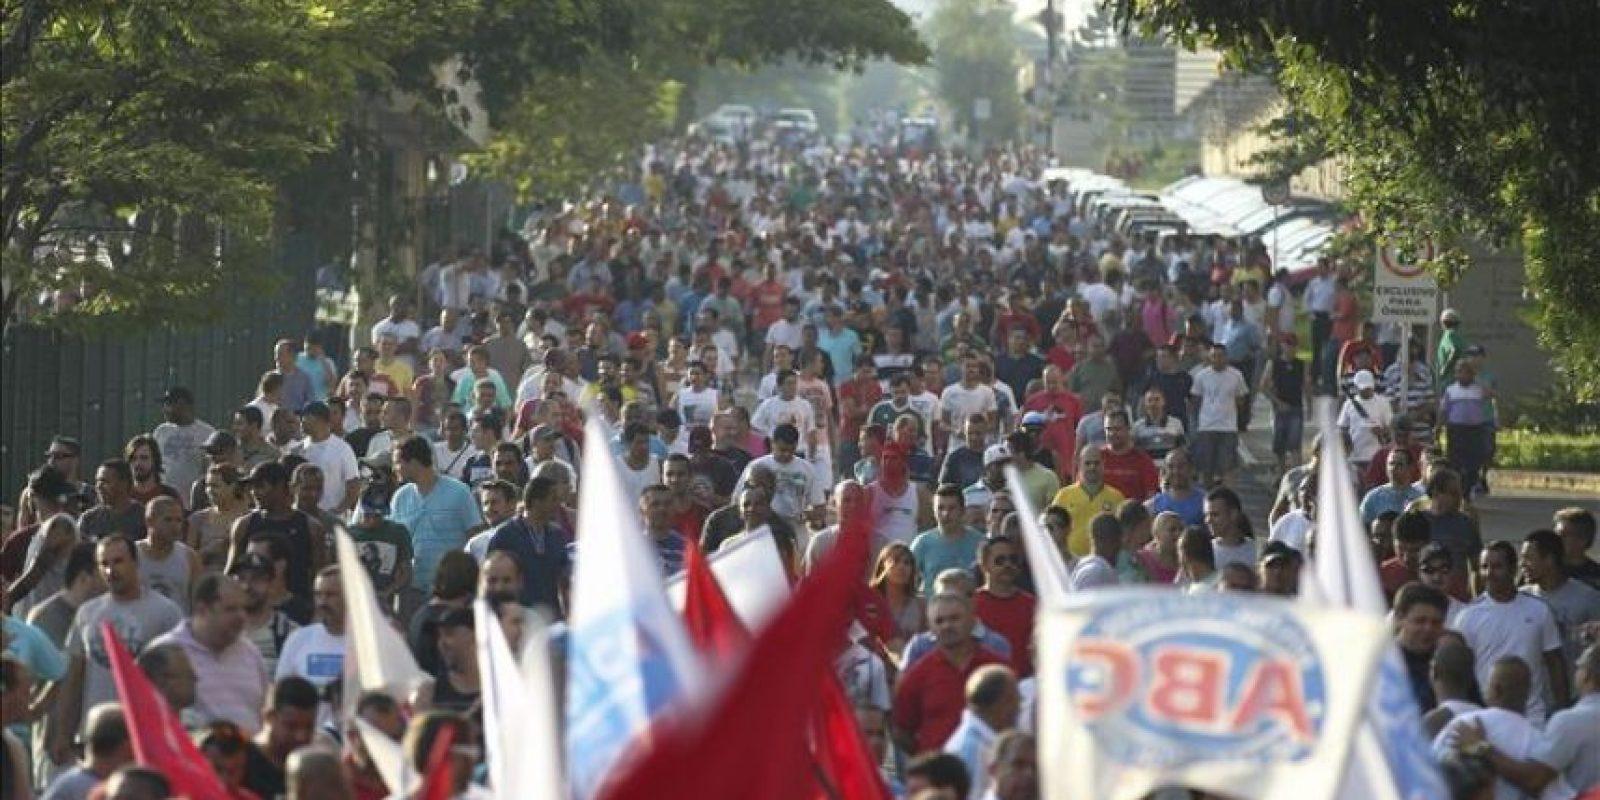 Los trabajadores en huelga de la filial brasileña Volkswagen marchan en protesta por el despido de 800 empleados de una planta de la automotora, hoy, lunes 12 de enero de 2015, en Sao Bernardo do Campo (Brasil). EFE